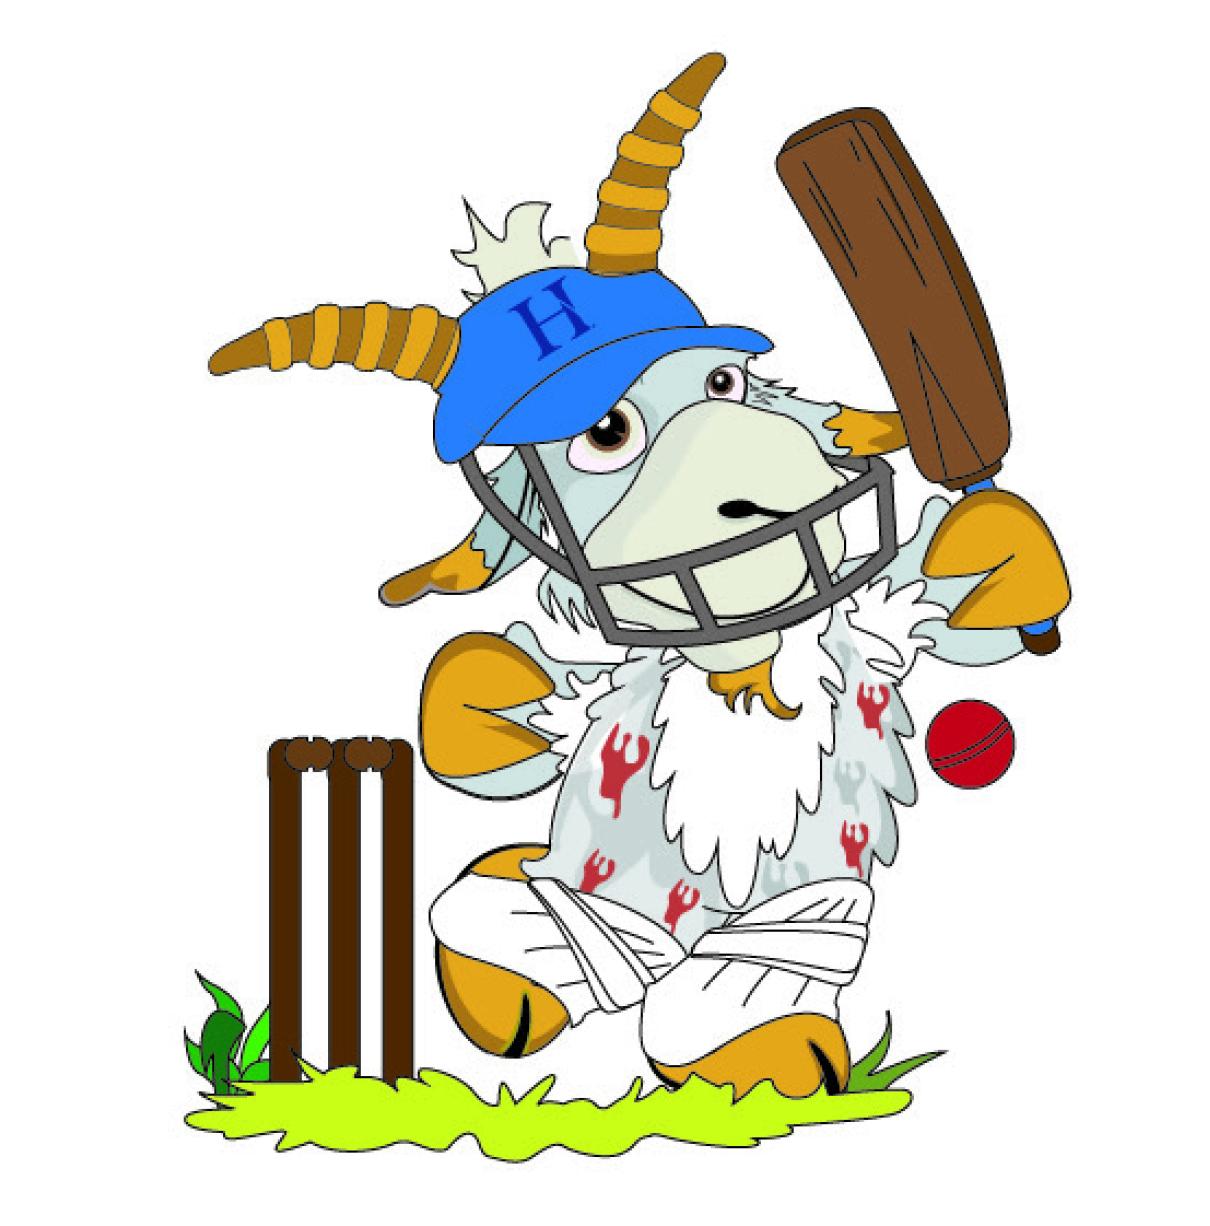 Haberdashers cricket